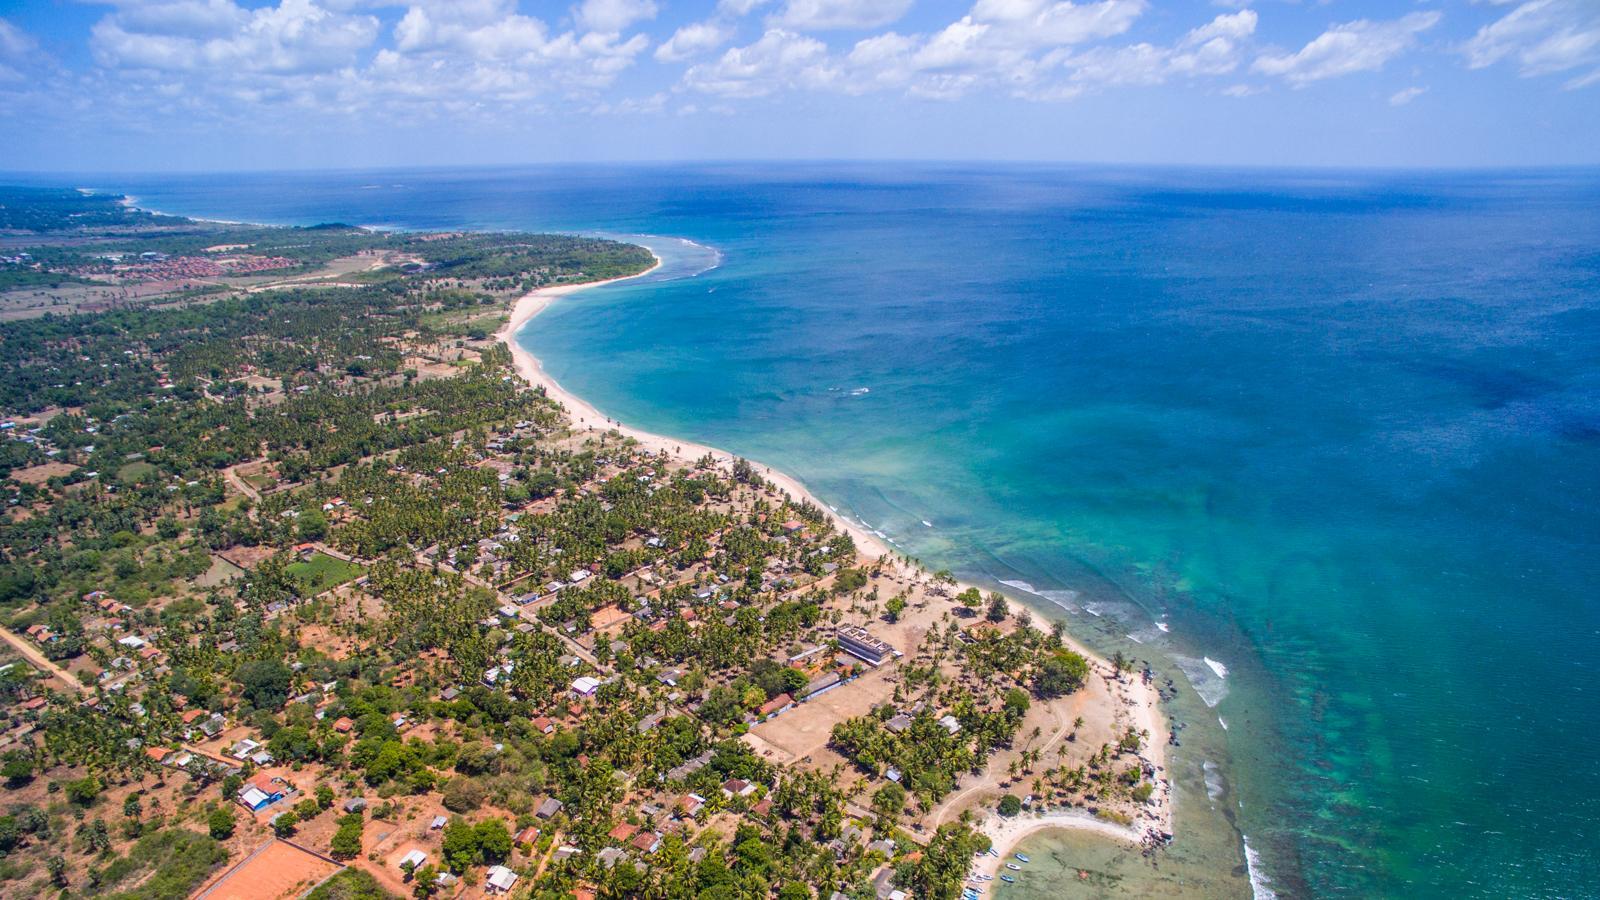 印度洋上的热带岛国